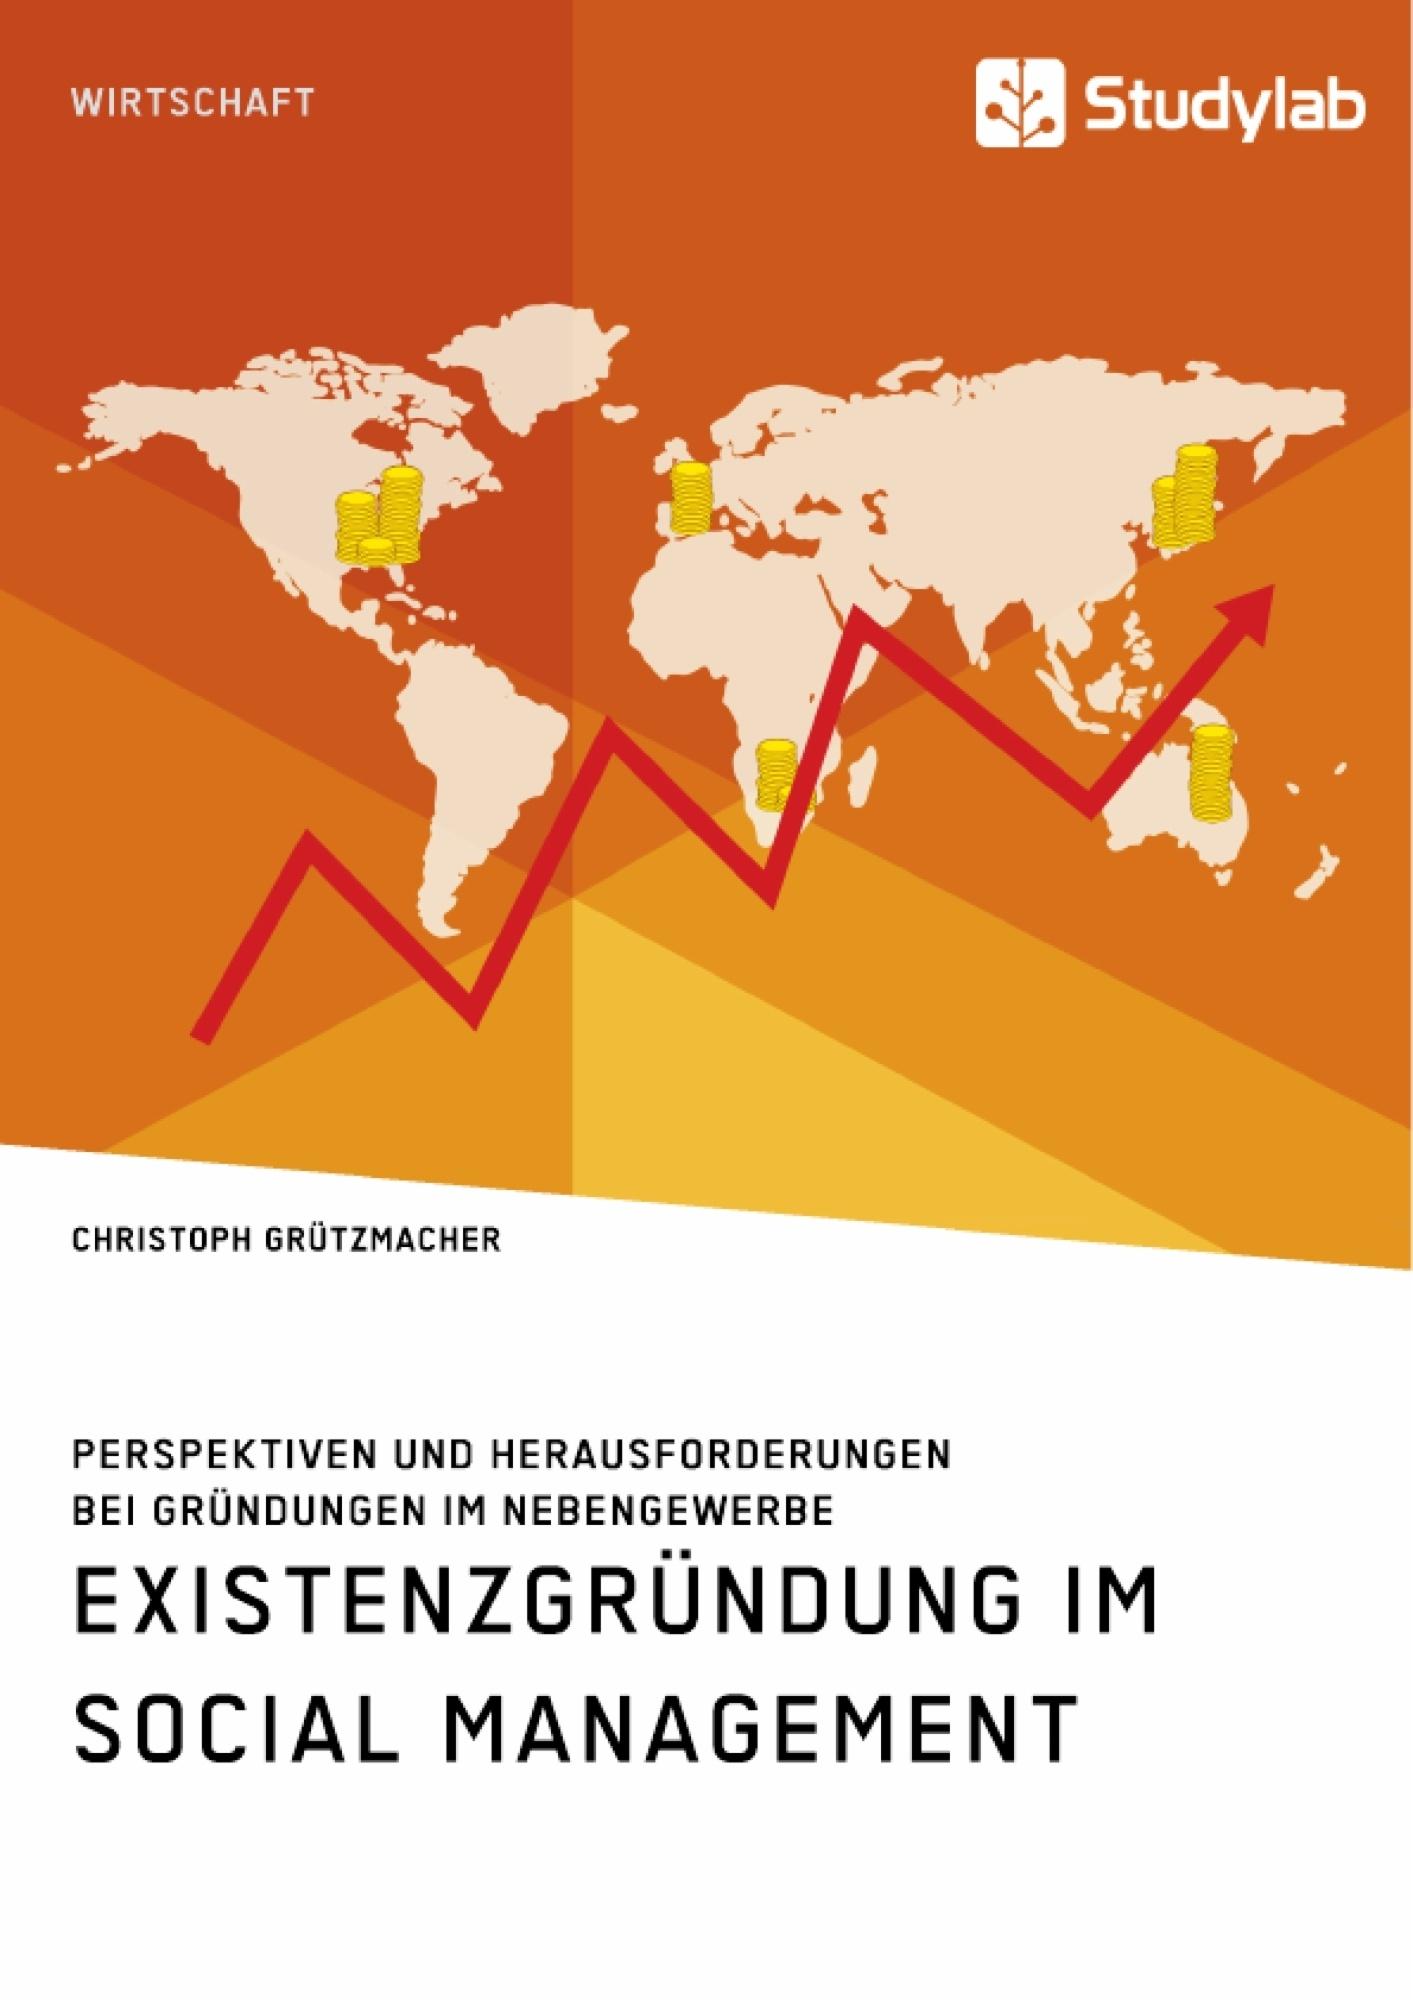 Titel: Existenzgründung im Social Management. Perspektiven und Herausforderungen bei Gründungen im Nebengewerbe